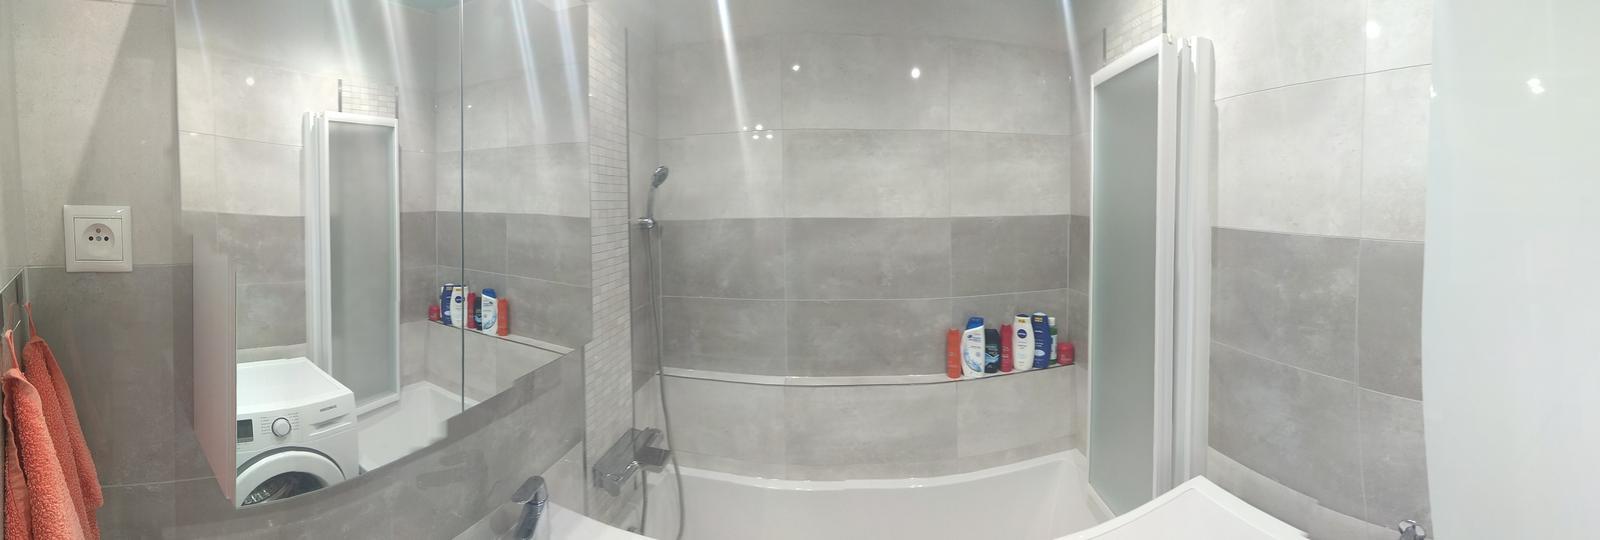 Prerábka panelákovej kúpelne a wc - Obklad Estrella grey, Estrella graphite, Estrella mozaika. Dlažba ROYALWOOD Brown